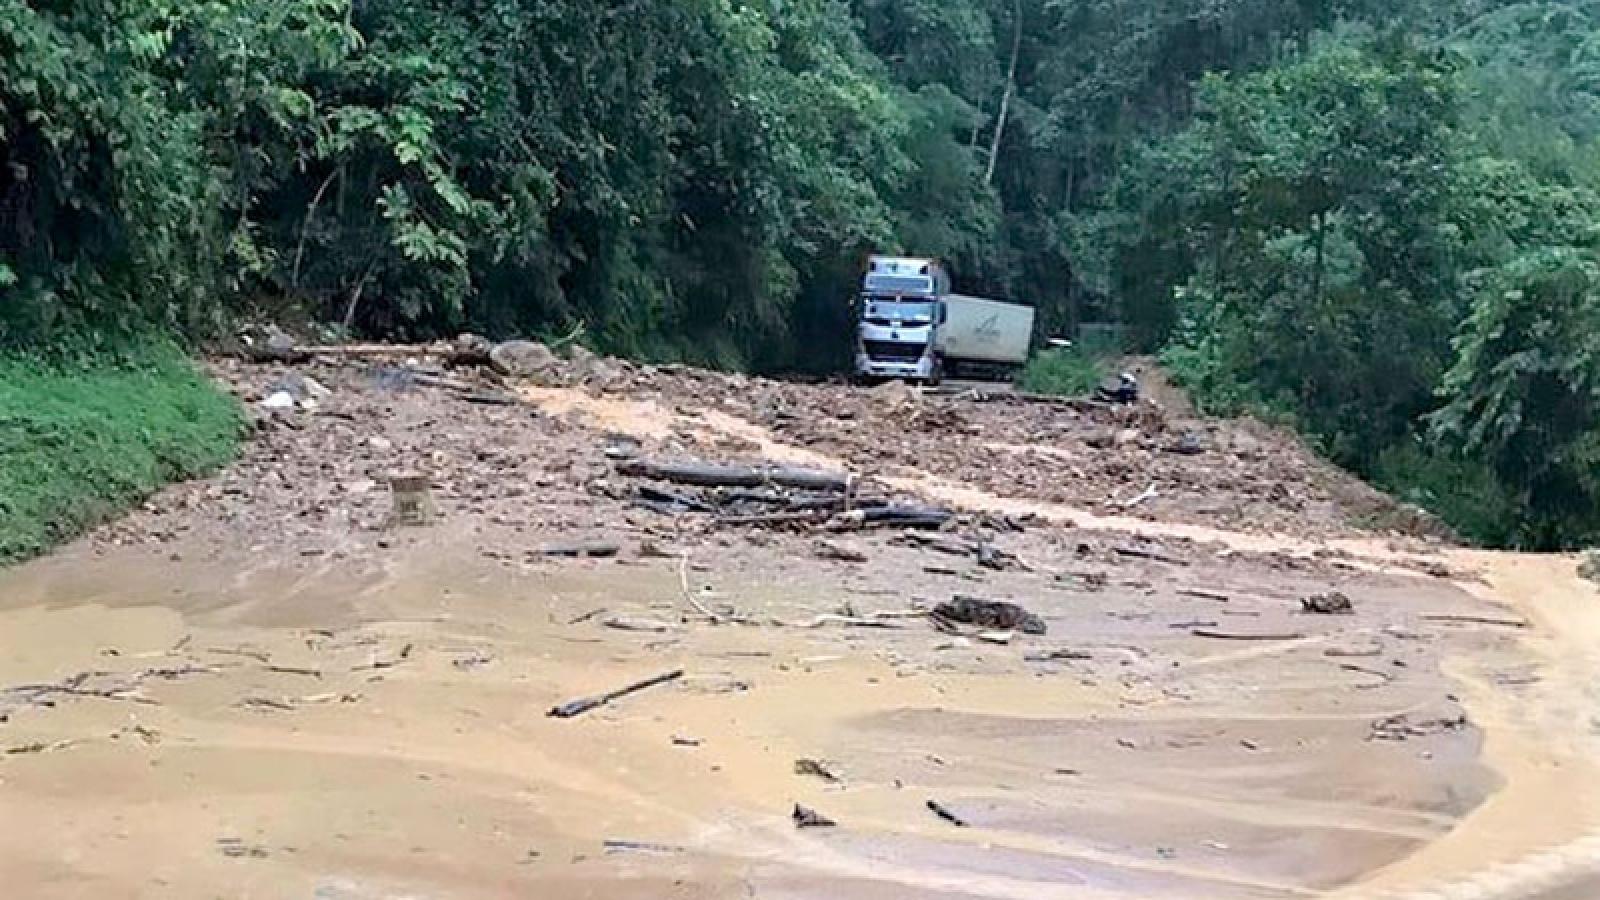 Mưa lớn gây sạt lở QL 279 đoạn Điện Biên - Cửa khẩu Quốc tế Tây Trang